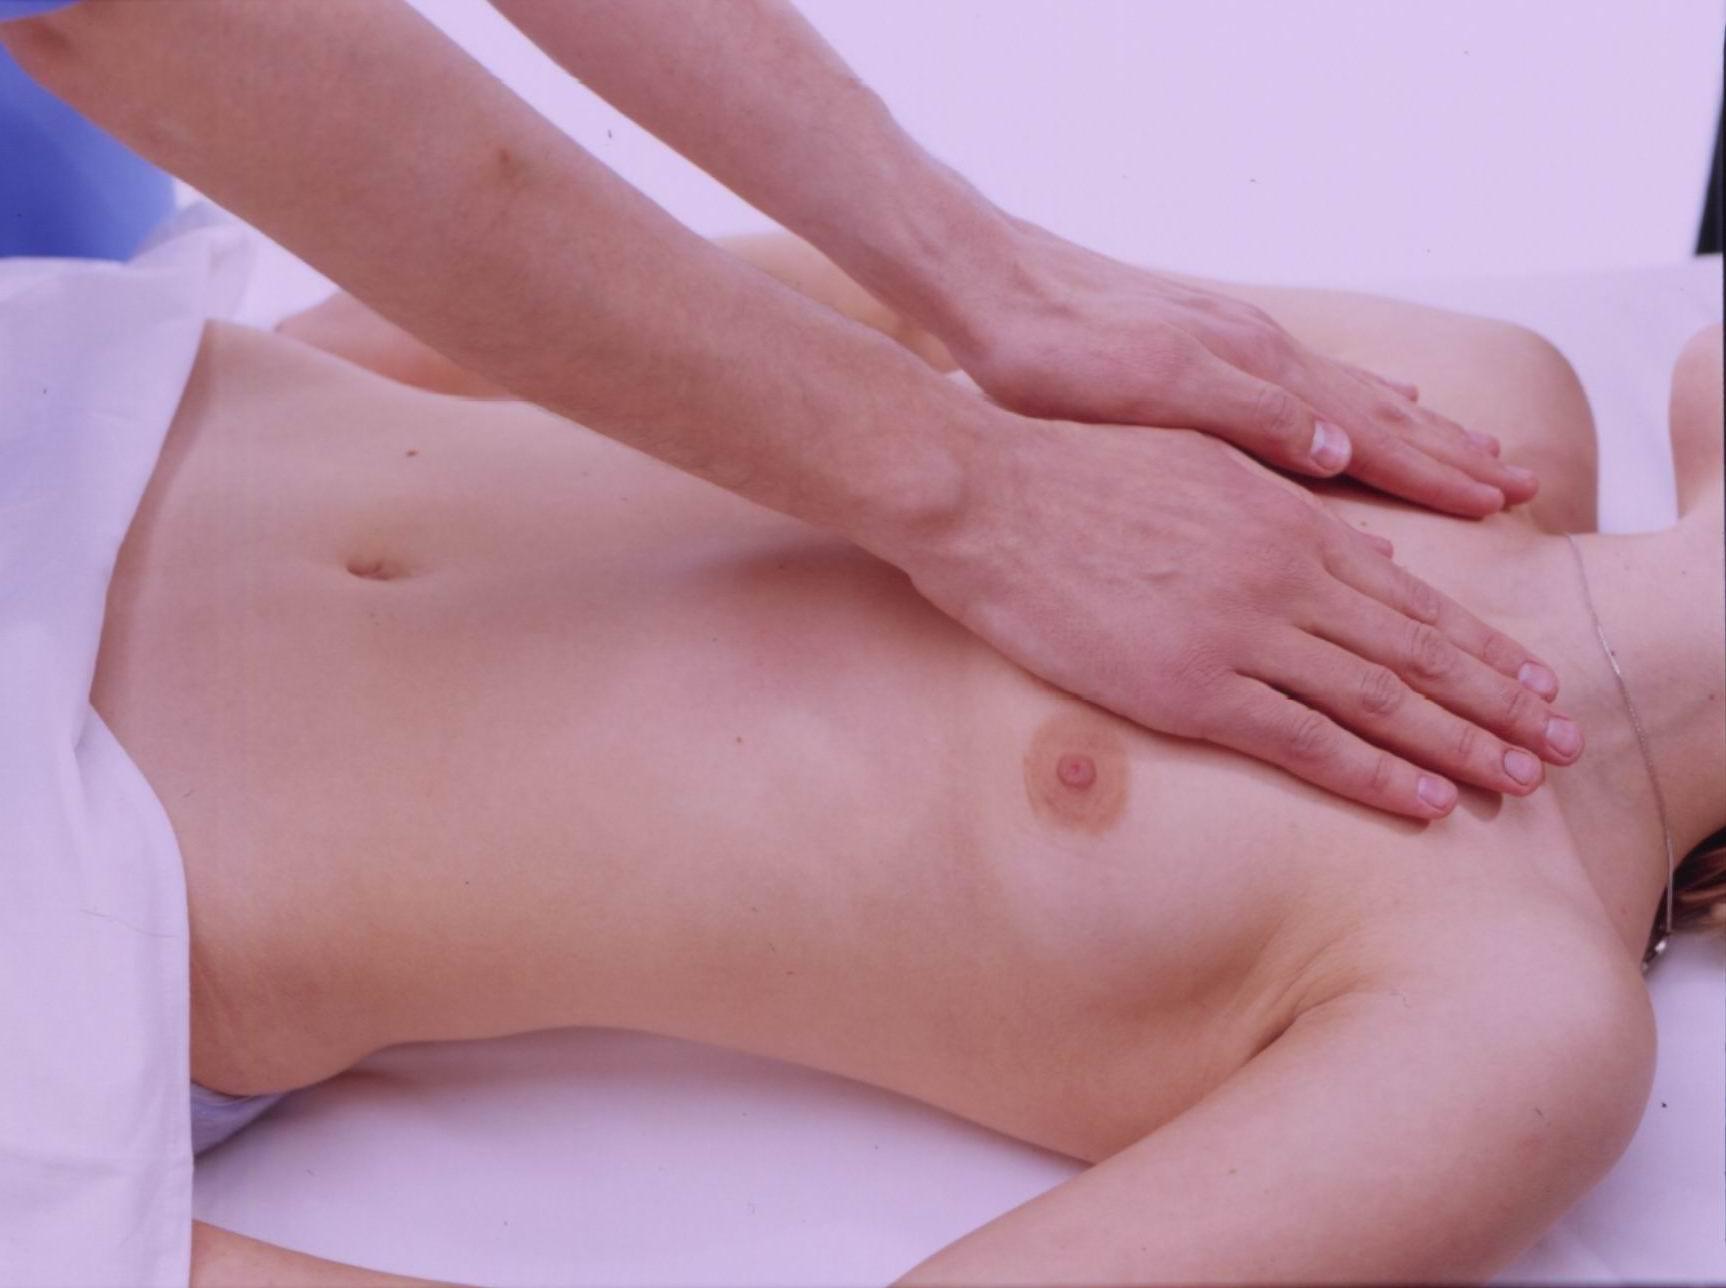 Как делать массаж простаты правильно пальцем инструкция